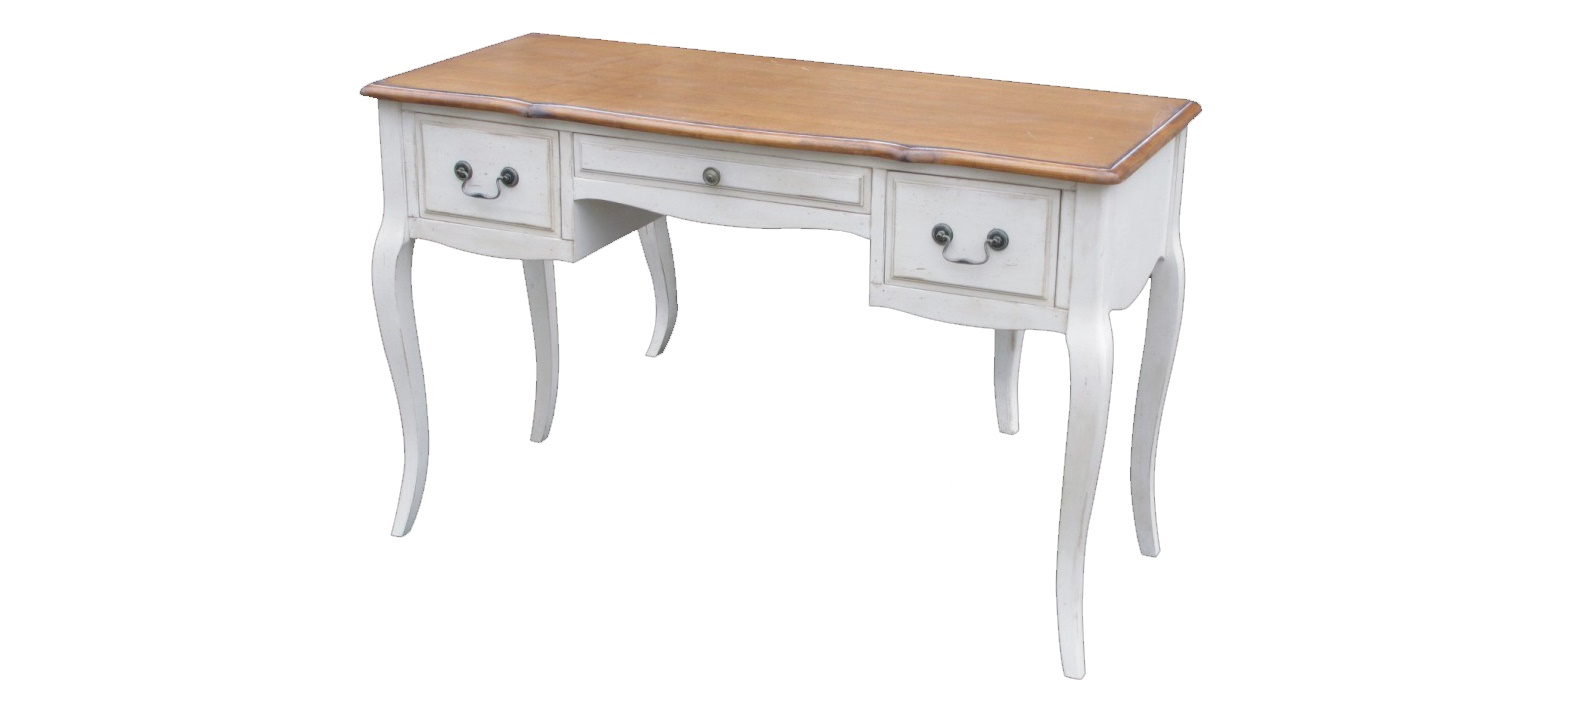 Письменный столПисьменные столы<br>Любая работа за этим письменным столом превратится в настоящее удовольствие. Плавные формы, в которых угадывается знакомый силуэт роскошной французской мебели, будут завораживать своей элегантностью. Гладя на изящные изгибы, вы сможете отвлечься от трудных задач и переключить внимание на что-то прекрасное. Быстрому повышению работоспособности во время пятиминутки отдыха также позволят естественные природные цвета, идеально дополняющие оформление в стиле прованс.<br><br>Material: Дерево<br>Ширина см: 50<br>Высота см: 76